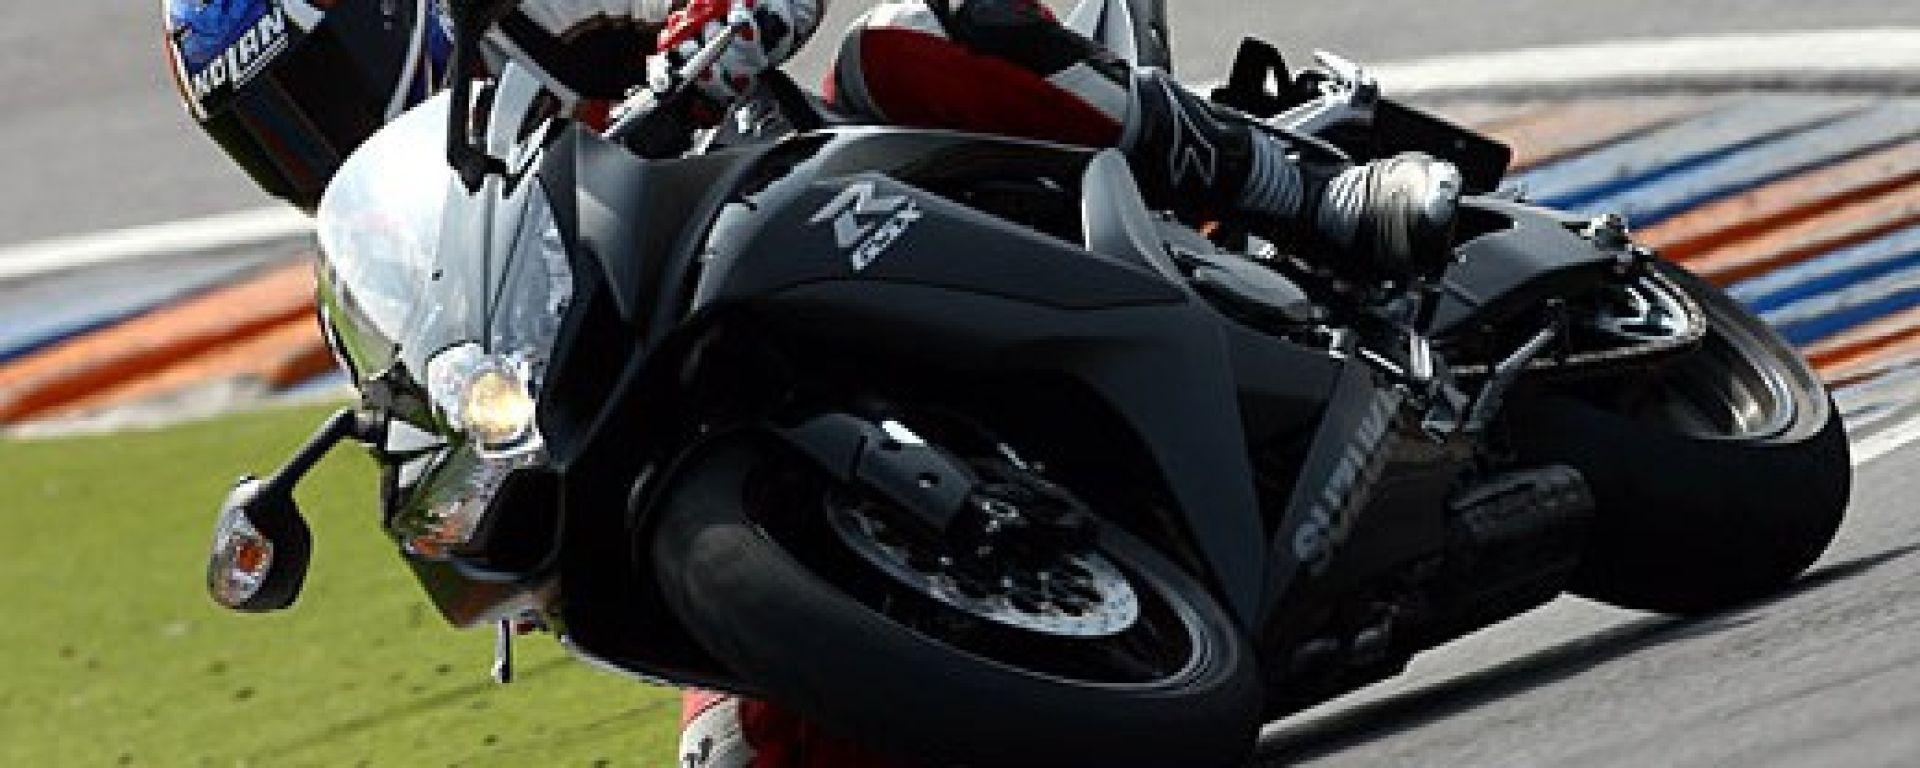 Suzuki Gsxr 750 >> Prova: Suzuki GSX-R 750 K8 - MotorBox